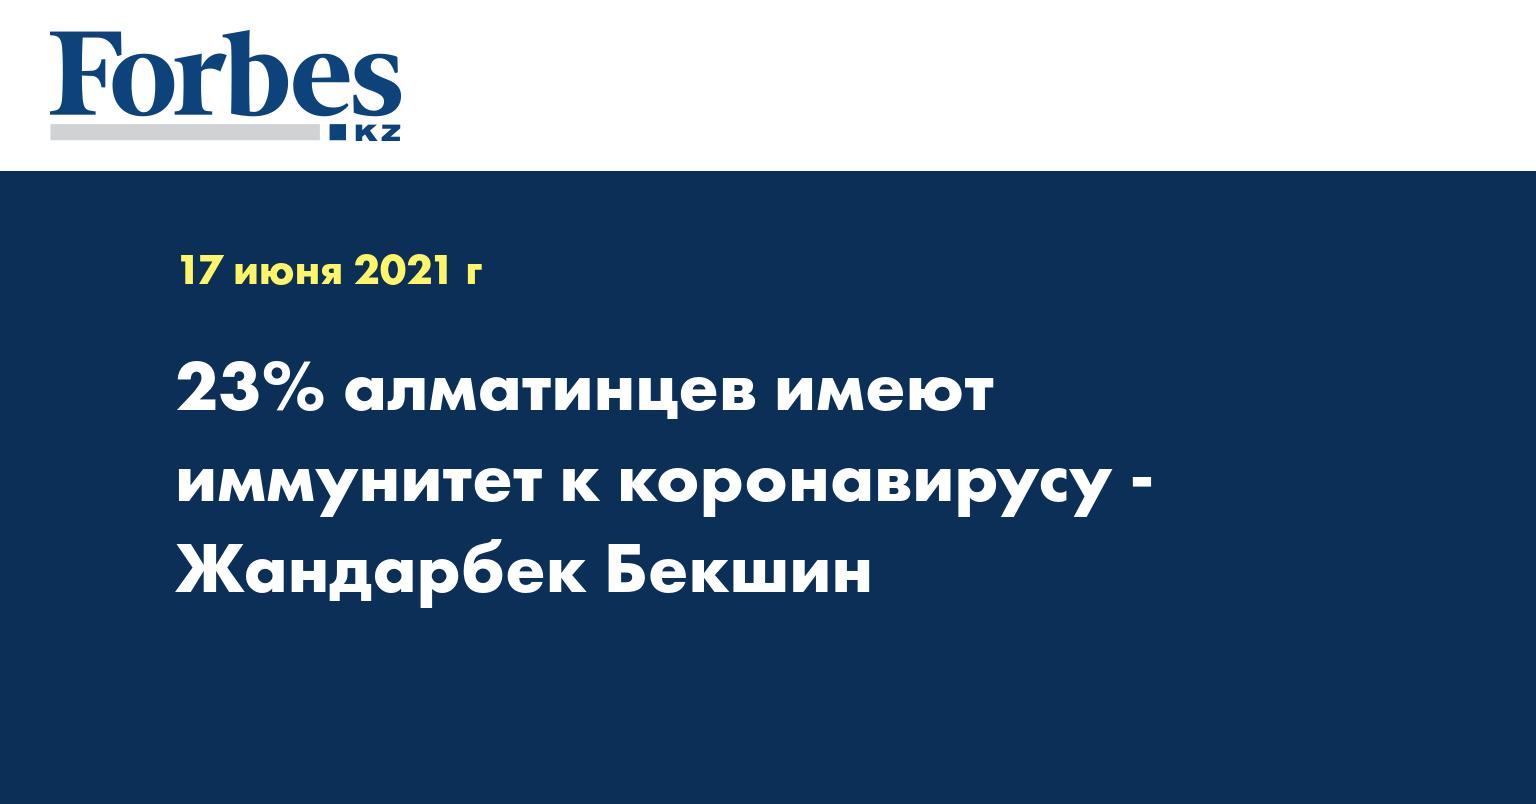 23% алматинцев имеют иммунитет к коронавирусу - Жандарбек Бекшин